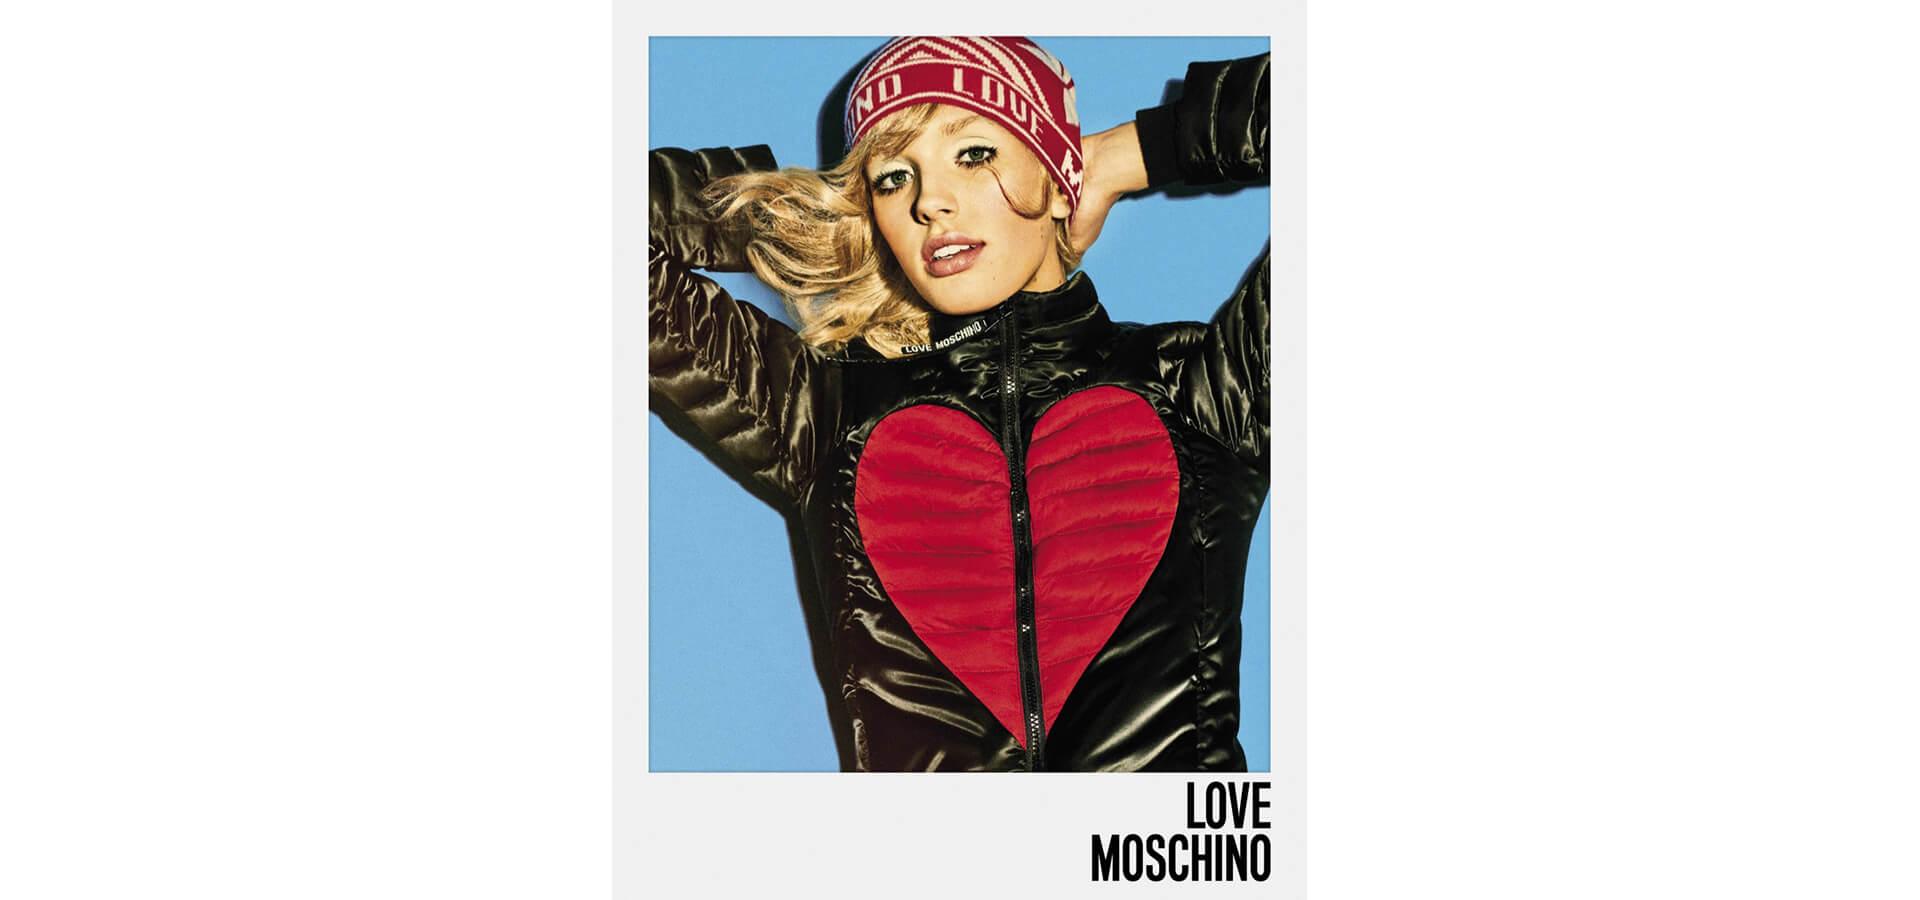 Долой моду, давайте наряжаться! Love Moschino – экстравагантность в чистом виде